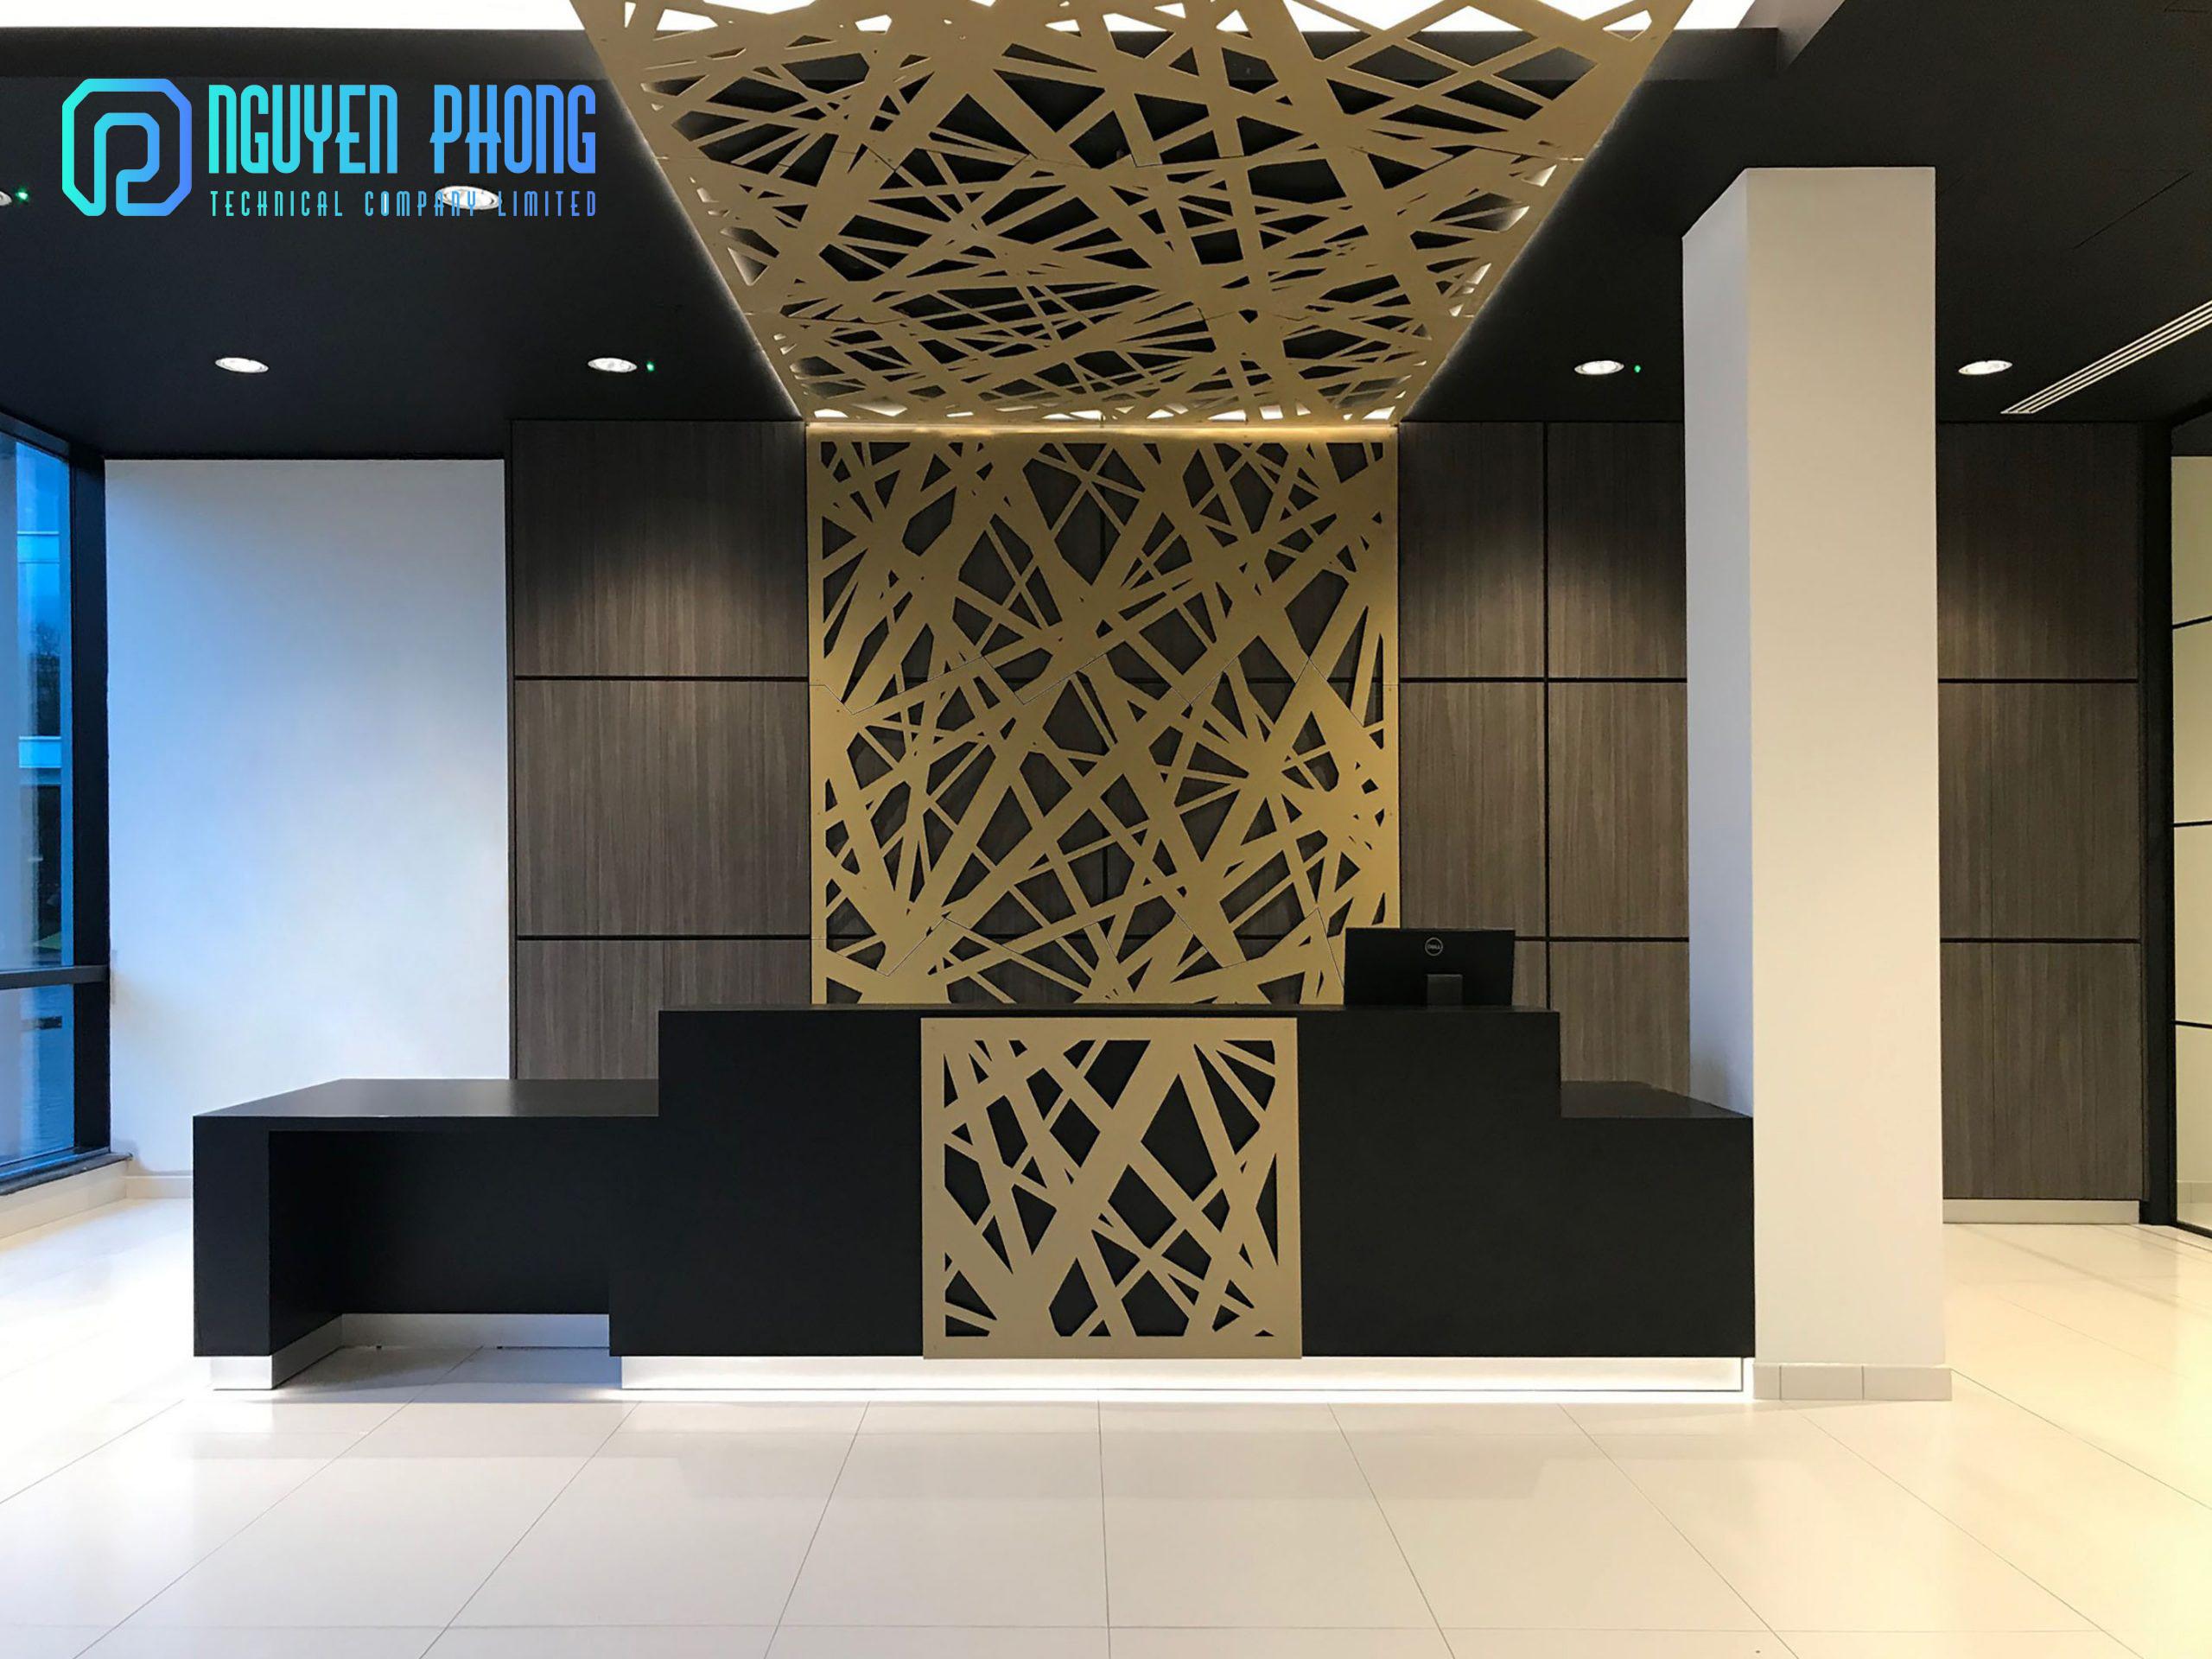 Hệ mặt dựng sắt, nhôm hoa văn CNC nghệ thuật trang trí ngoại thất